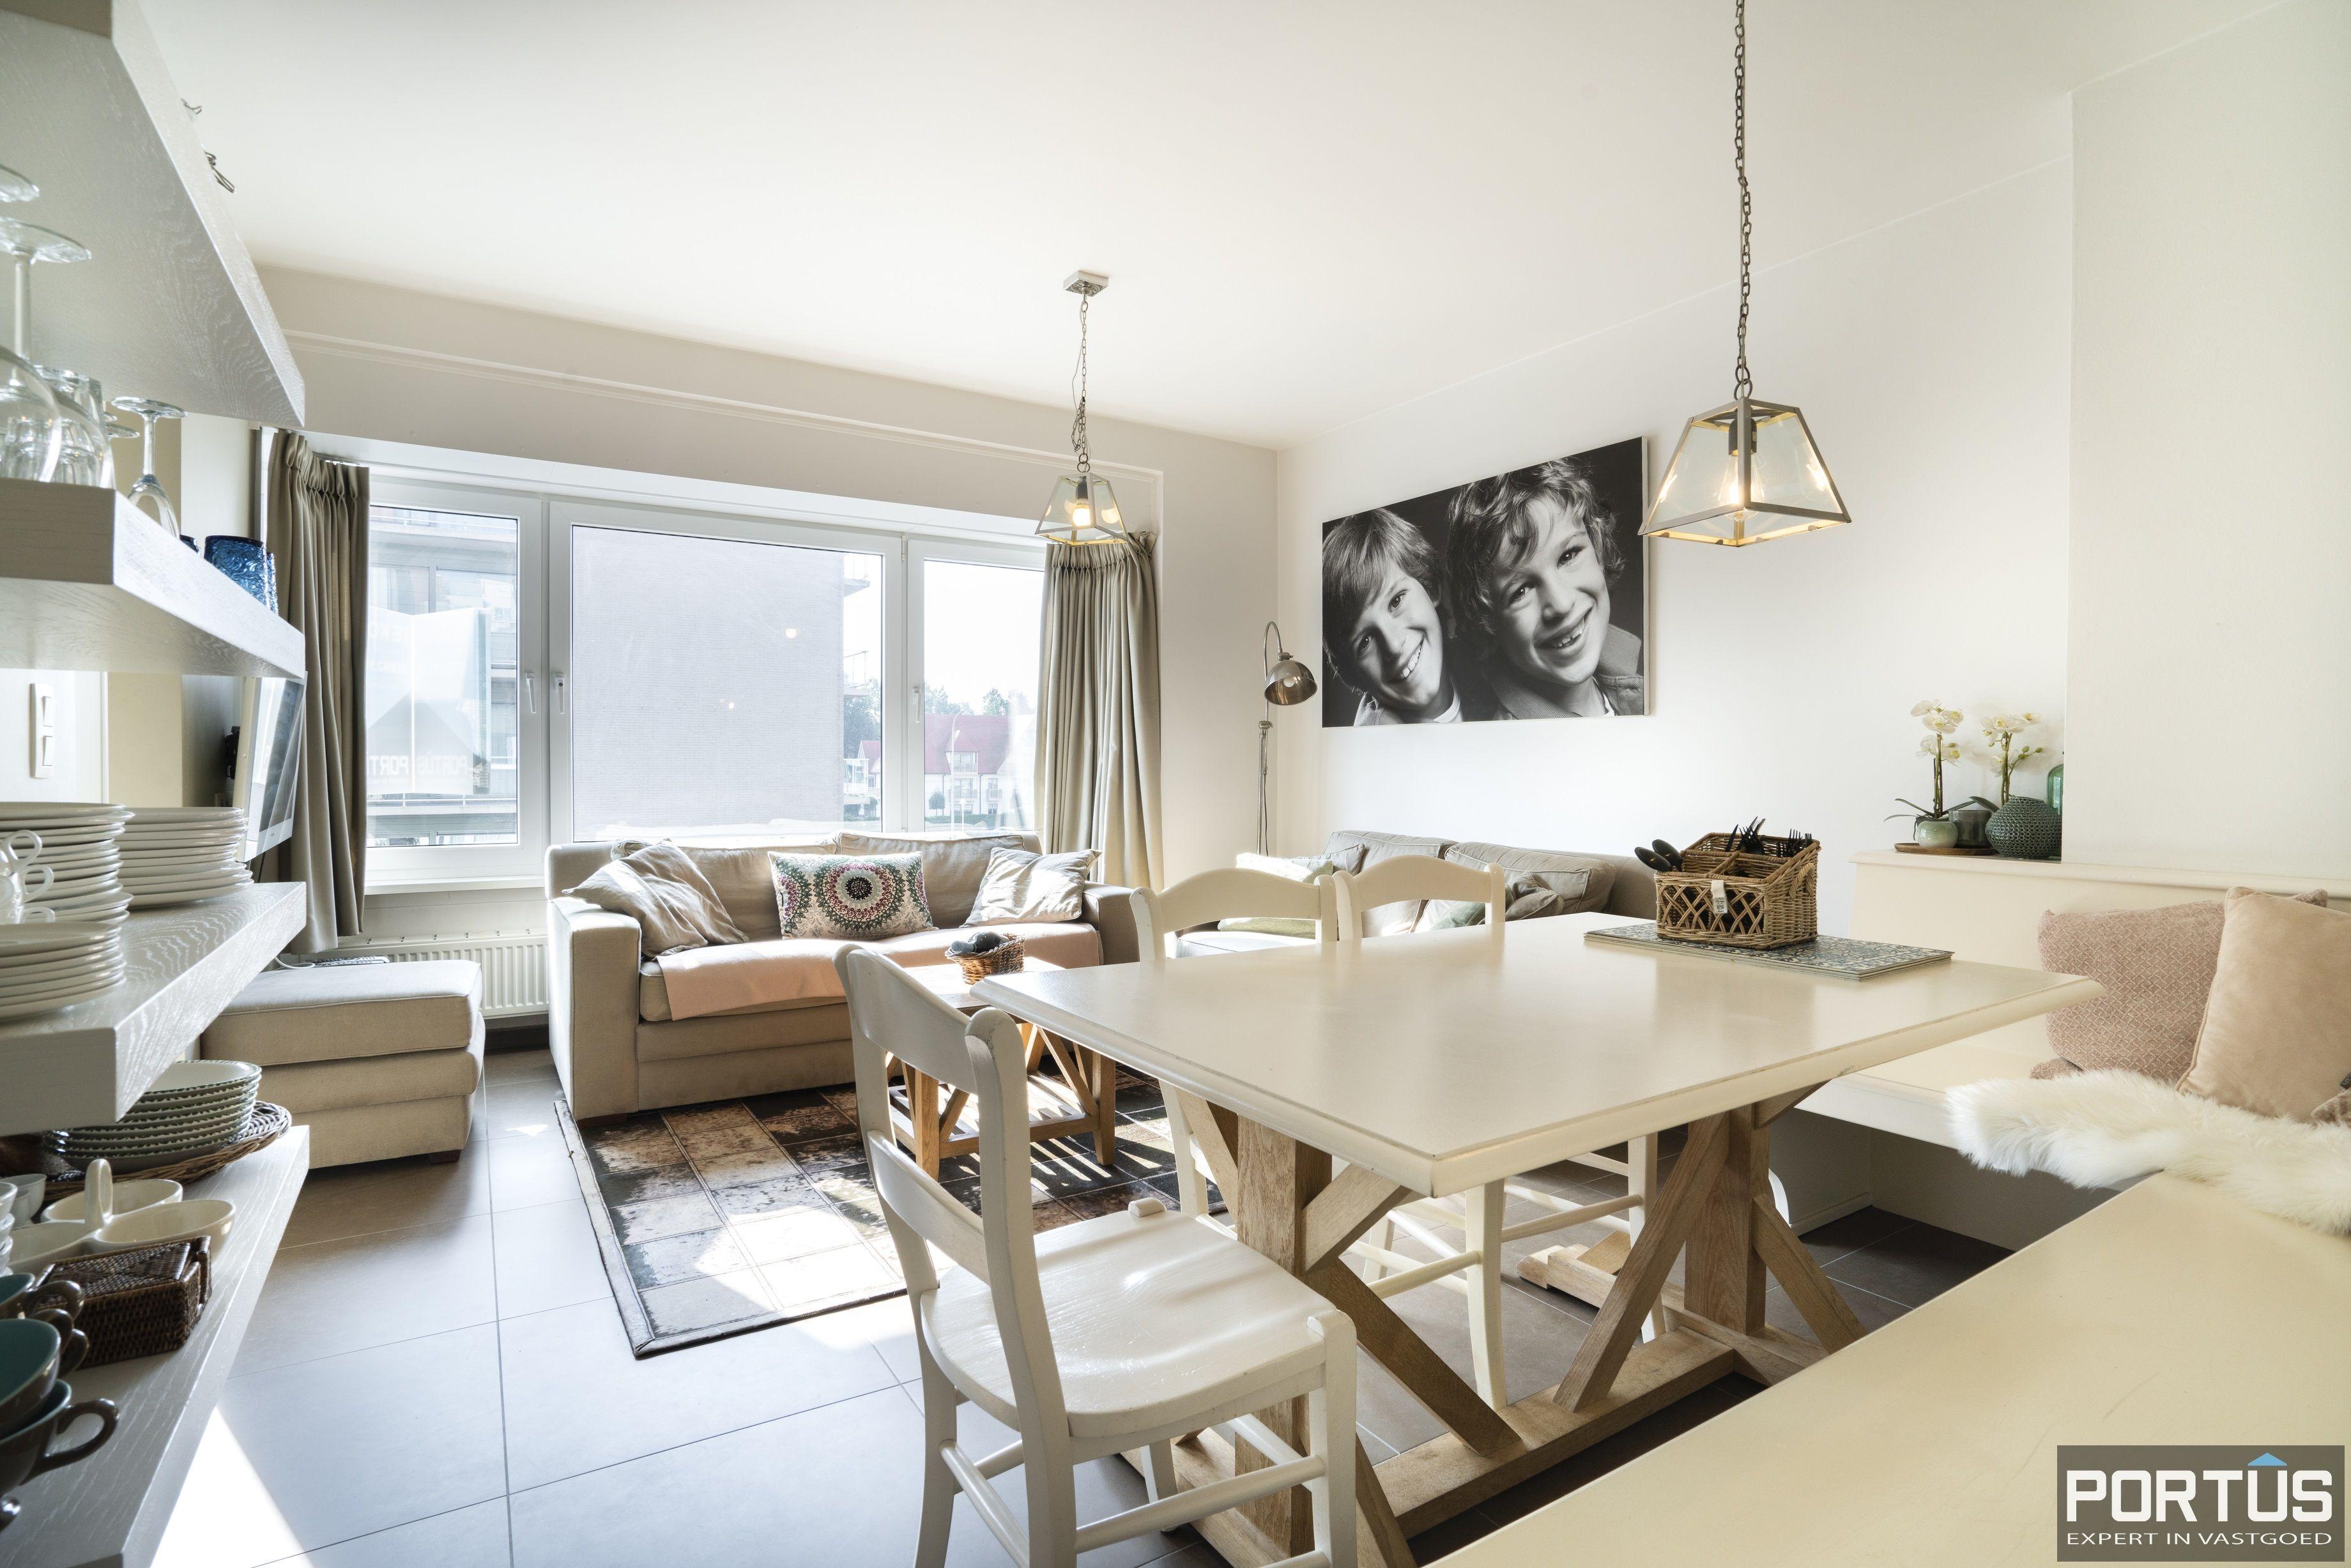 Appartement met 3 slaapkamers te koop te Nieuwpoort-Bad - 13789